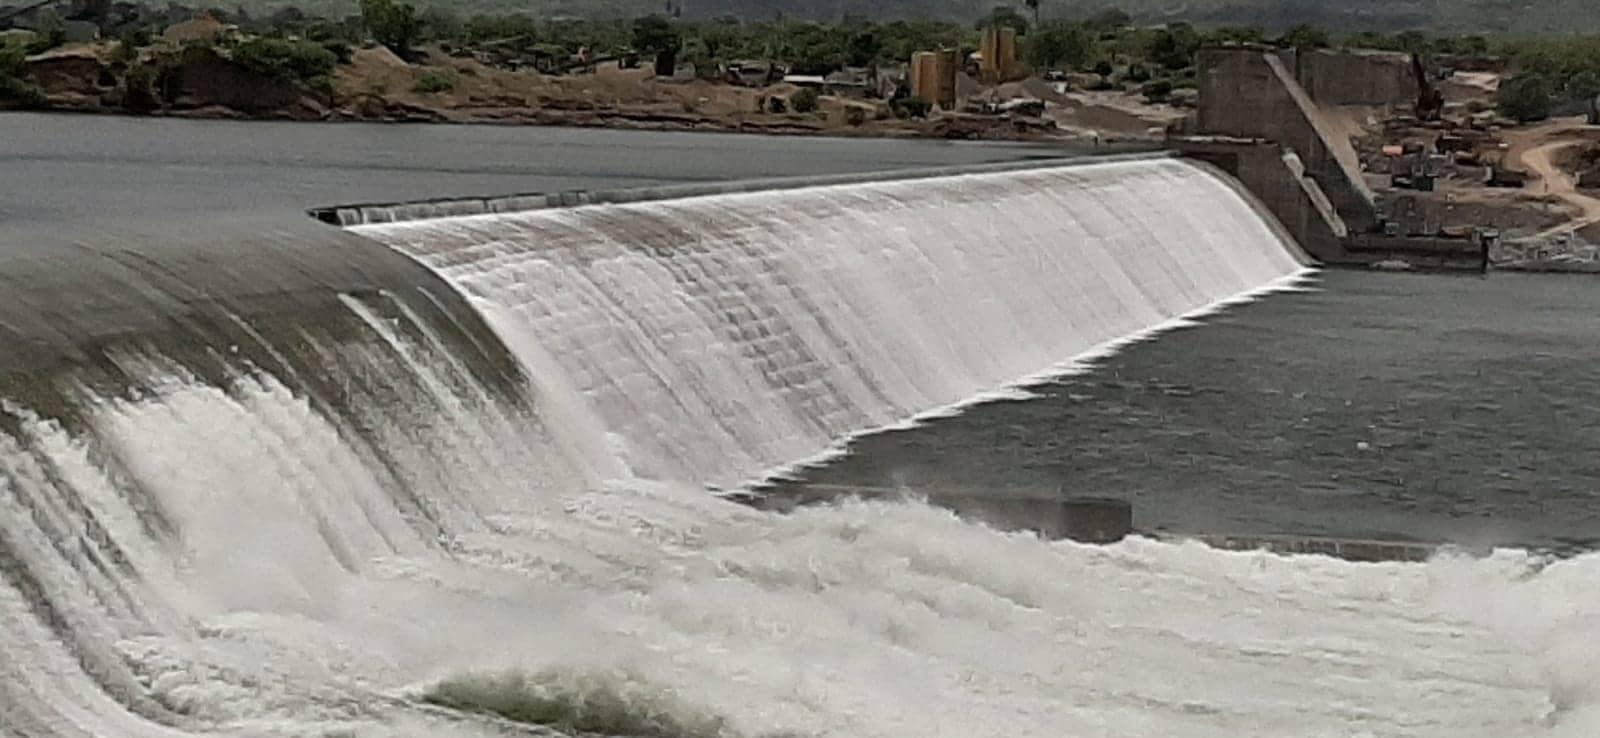 તો બીજી બાજુ નર્મદા ડેમમાં લાઈવ સ્ટોરેજ પાણીનો જથ્થો 2571 મિલીયન ક્યુબીક મીટર છે તો બીજી બાજુ મુખ્ય કેનાલમાં 10907 ક્યુસેક પાણી છોડાય રહ્યું છે.સરદાર સરોવર નર્મદા ડેમમાંથી નર્મદામાં 40,000 ક્યુસેક પાણી છોડાતા નર્મદા નદી બે કાંઠે વહેતી થઇ છે.